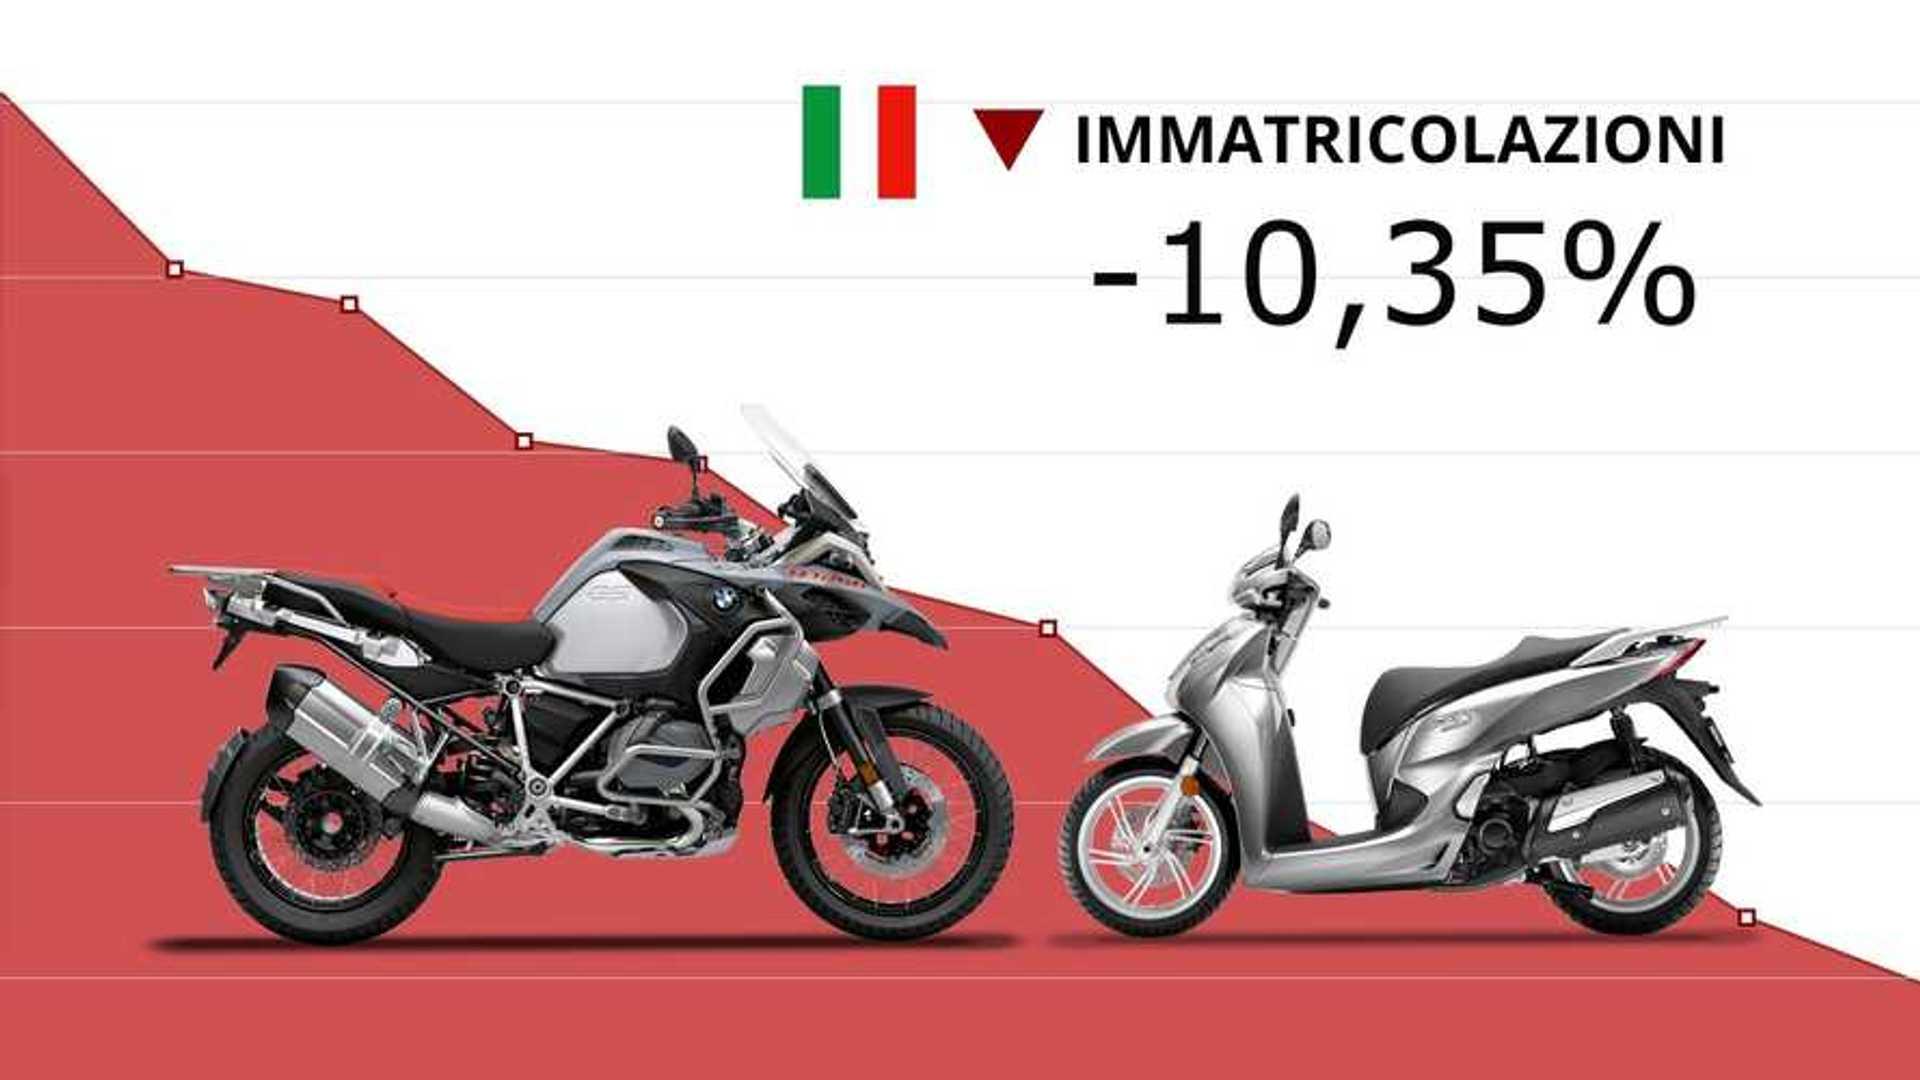 Mercato moto e scooter: maggio chiude al -10,35%